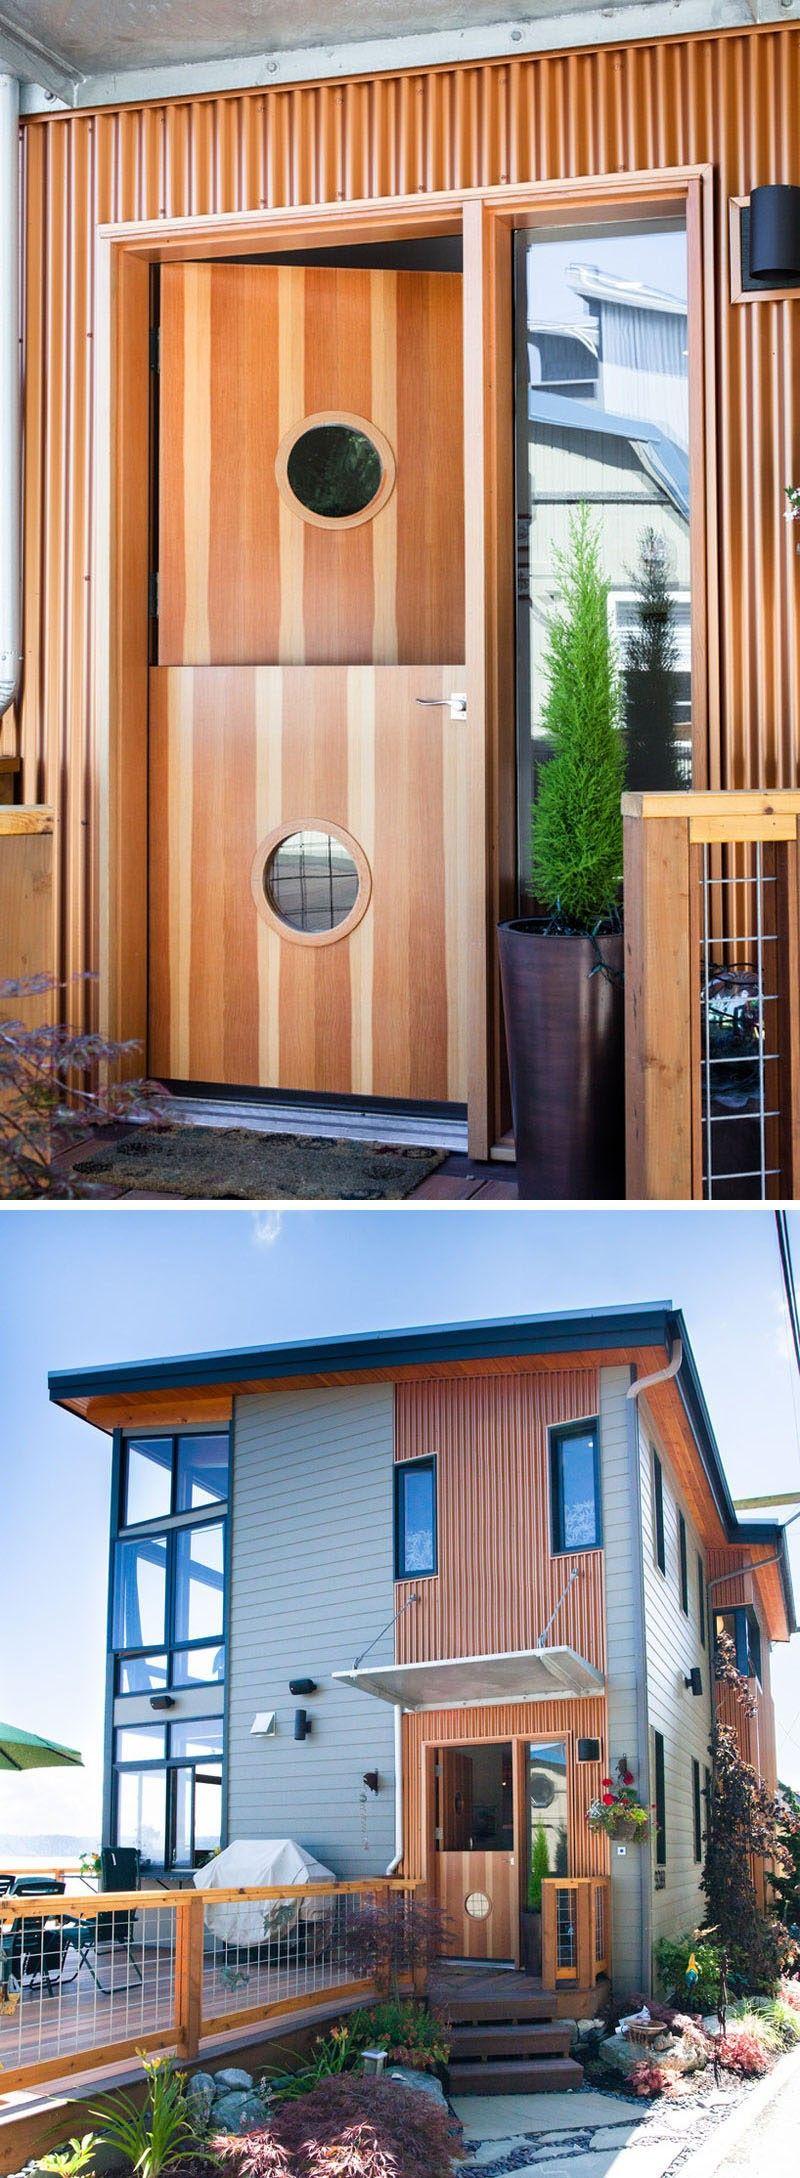 Tür-Design Ideen 9 Beispiele der modernen niederländischen Türen ...